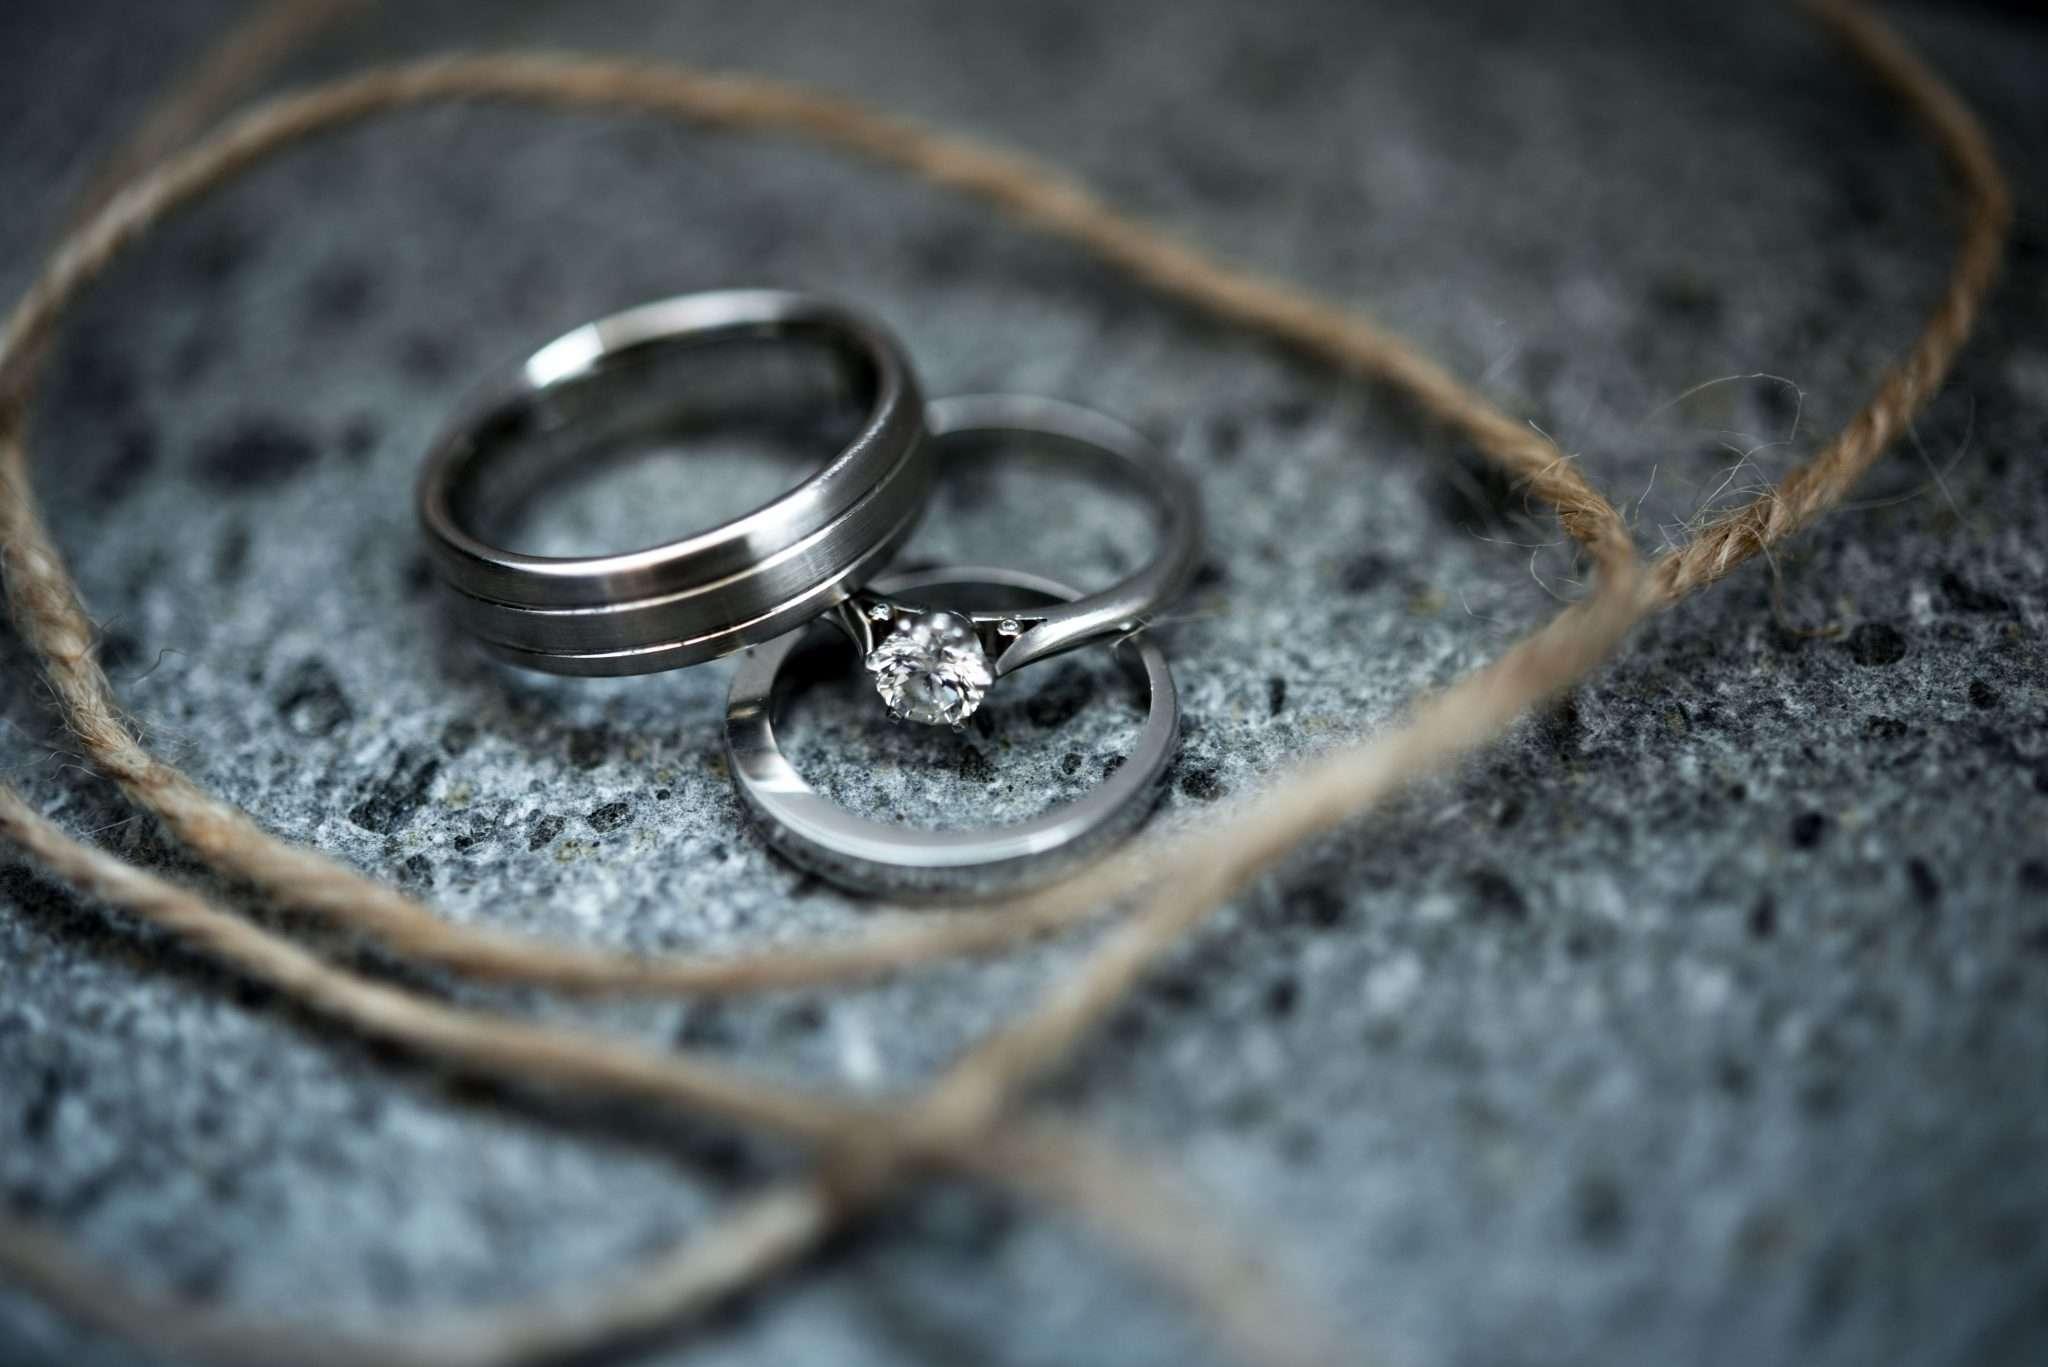 Fotografia Still Life anelli matrimoniali realizzata da Barbara Trincone fotografa con studio a Pozzuoli Napoli, specializzata in wedding reportage